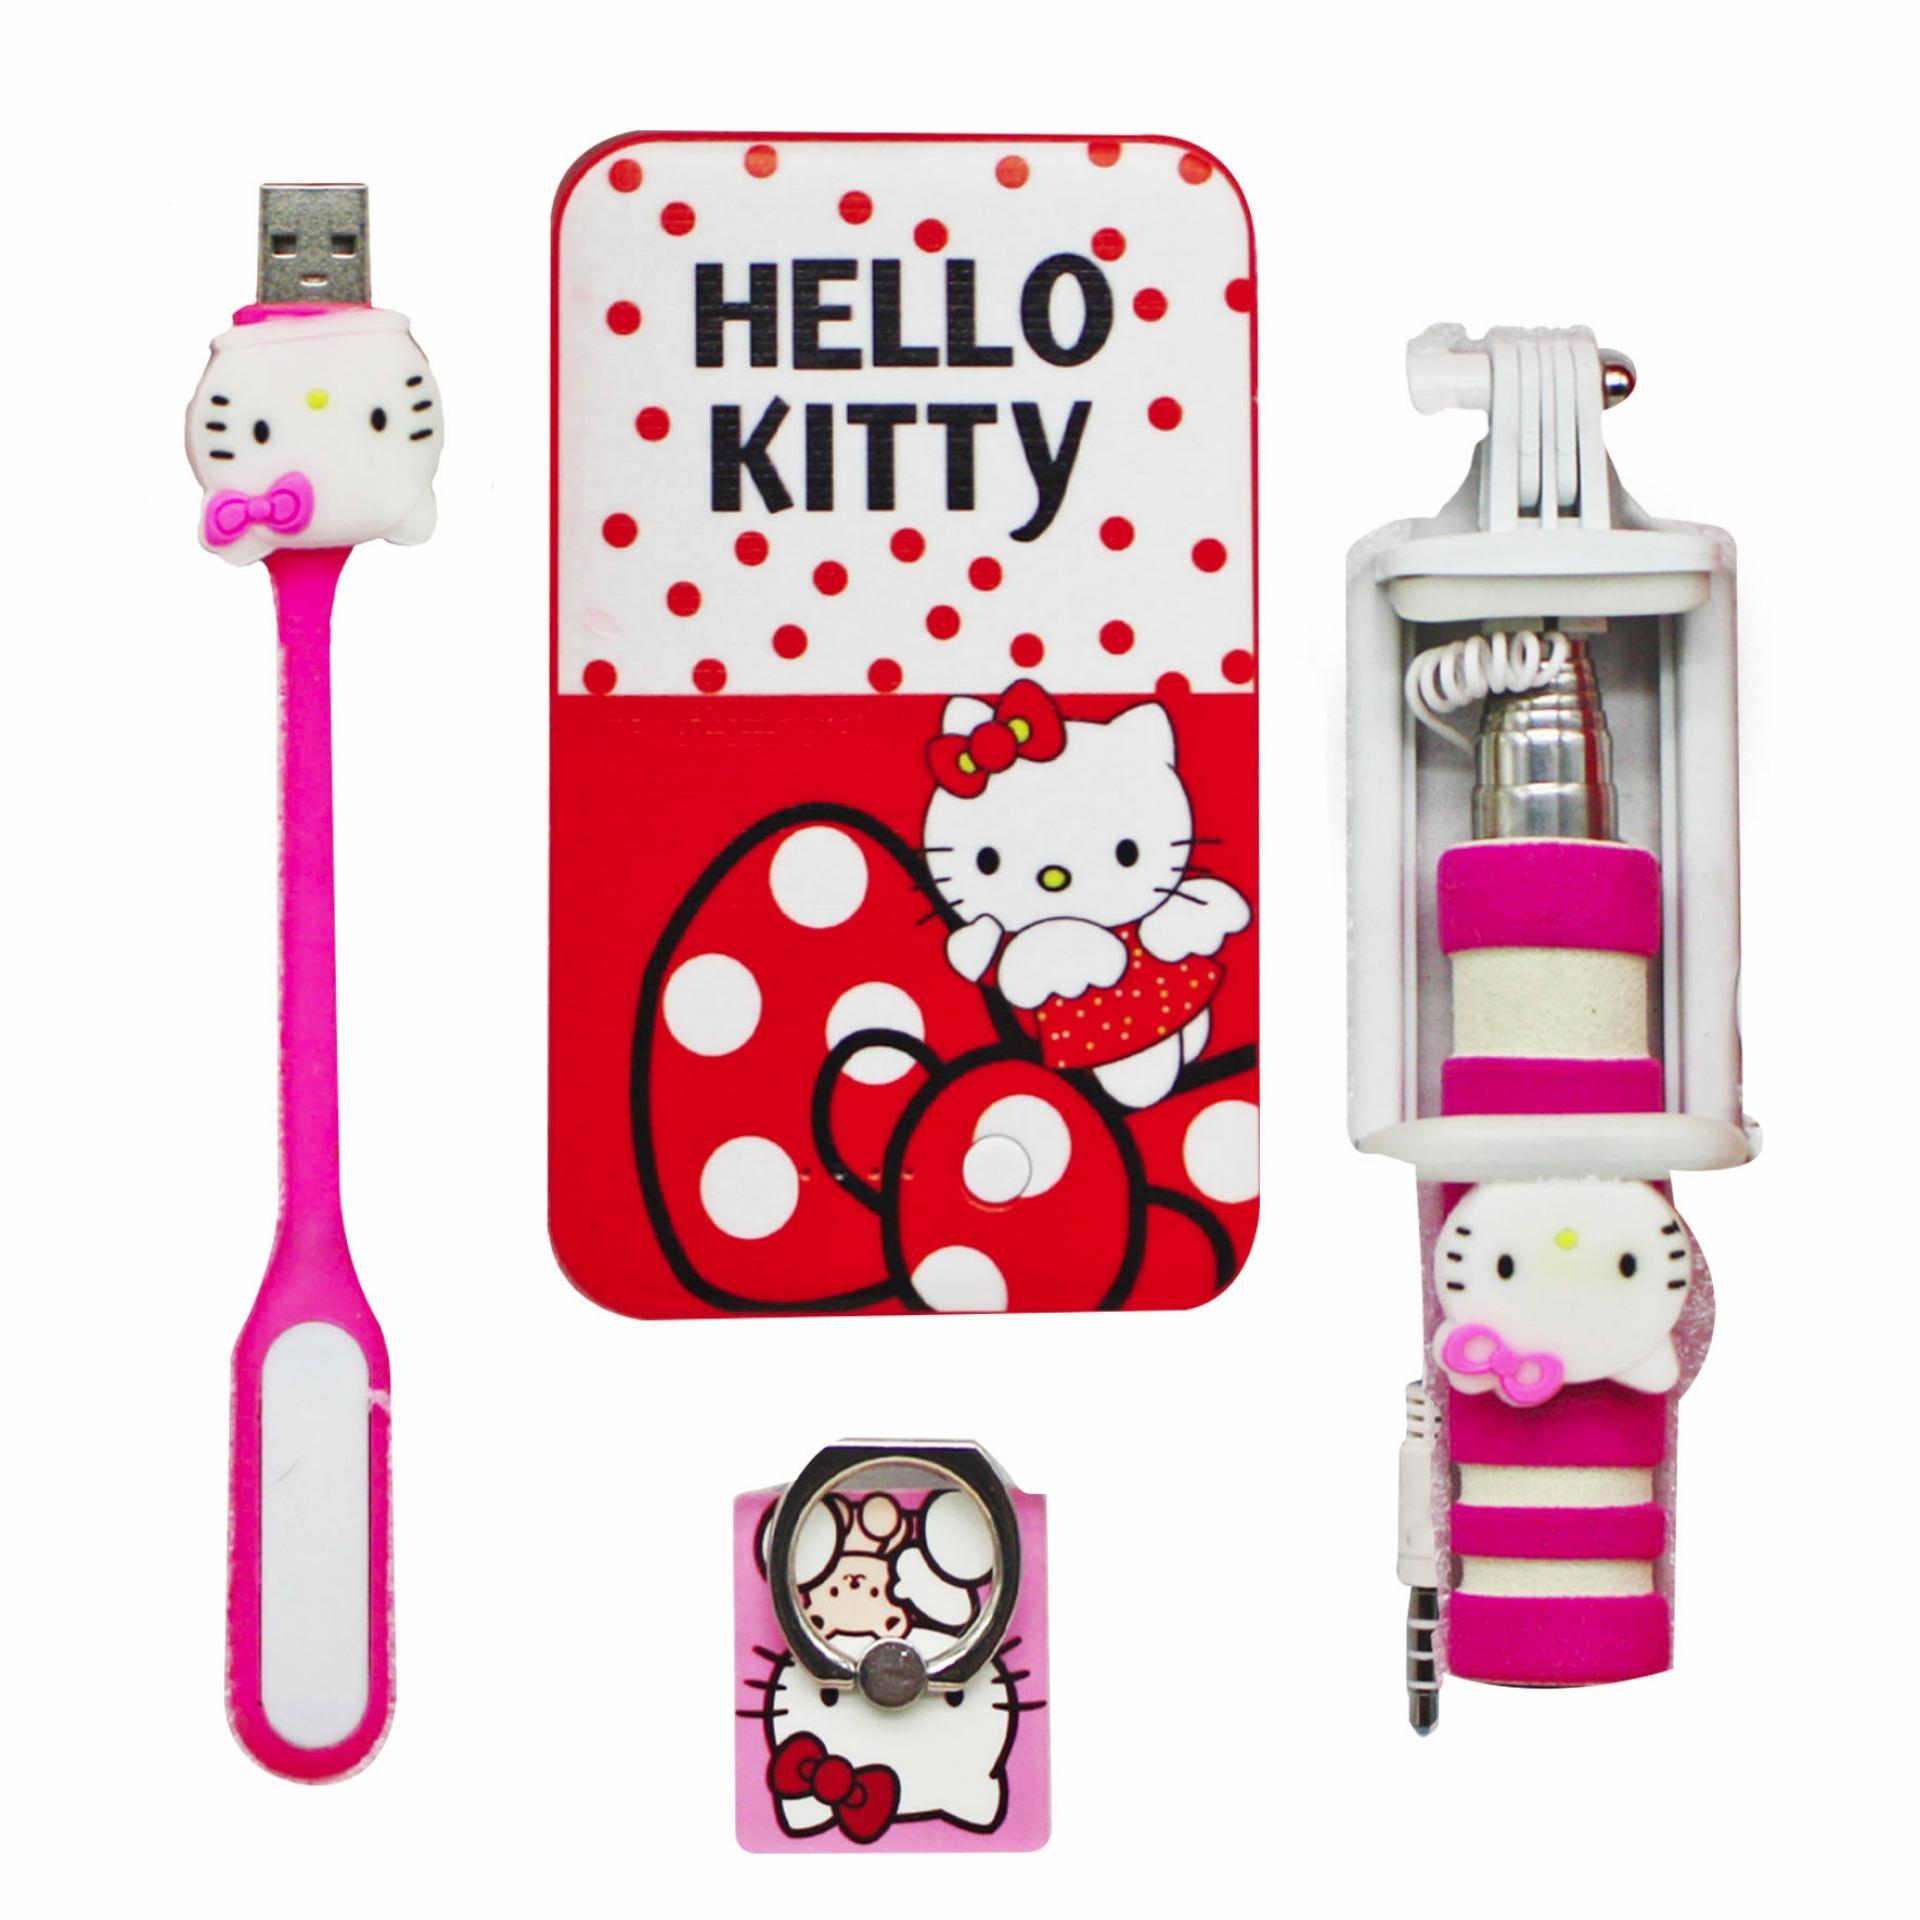 Hello Kitty Bathroom Set Hello kitty bathroom set toilet set